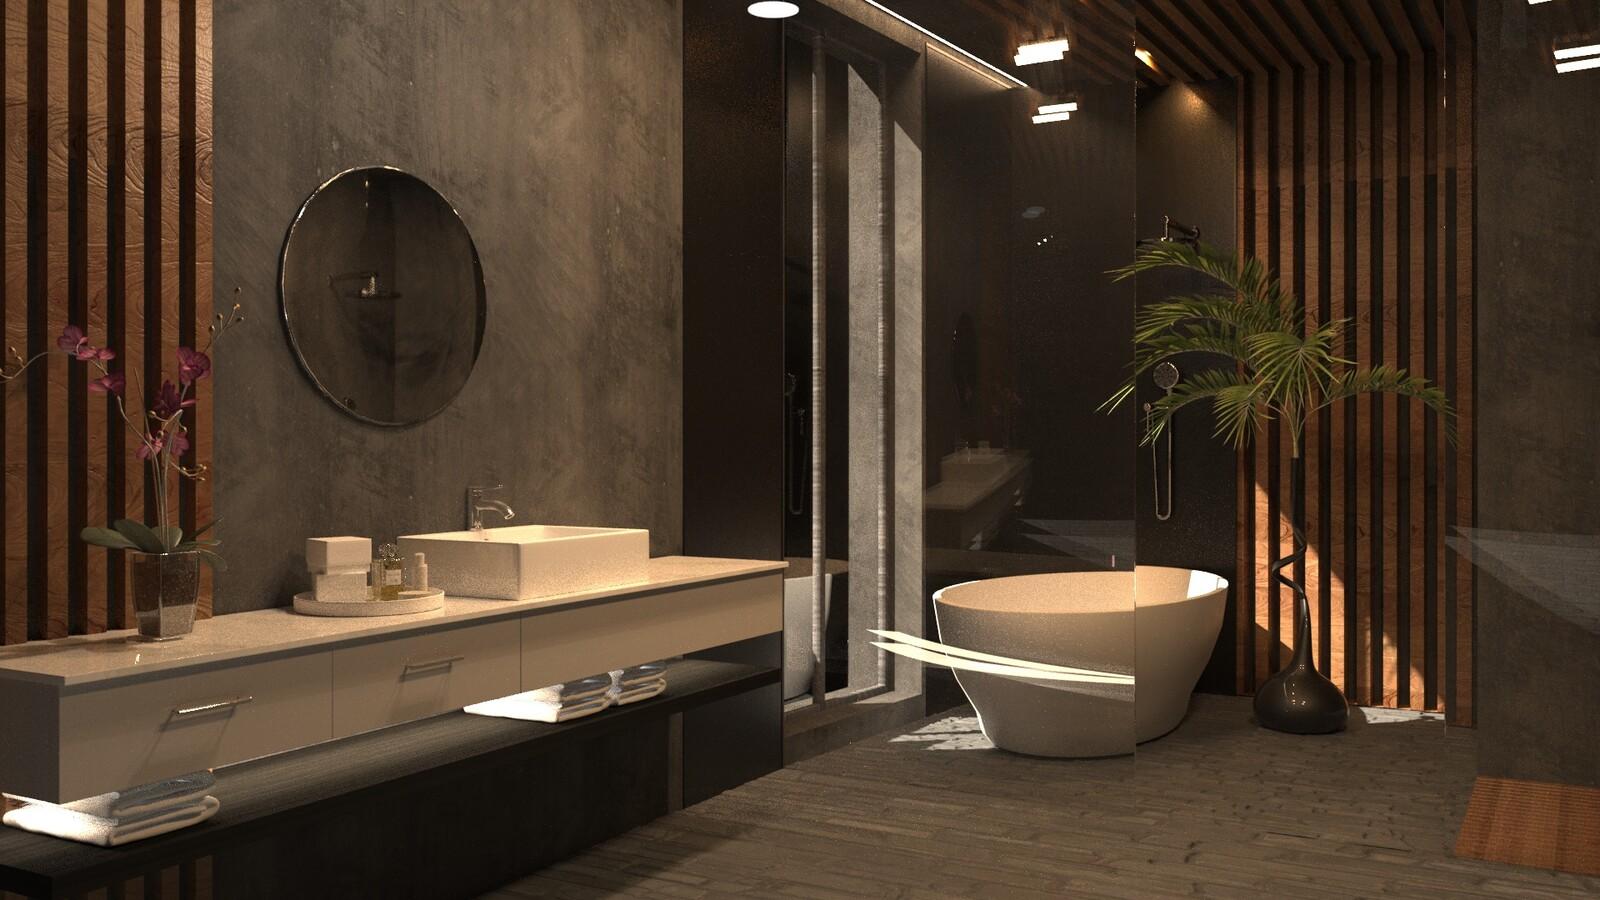 ArtStation - bathroom design 3ds max +corona, lasha jvaridze on er design, ns design, l.a. design, blue sky design, color design, setzer design, pi design, berserk design, dy design, dj design,